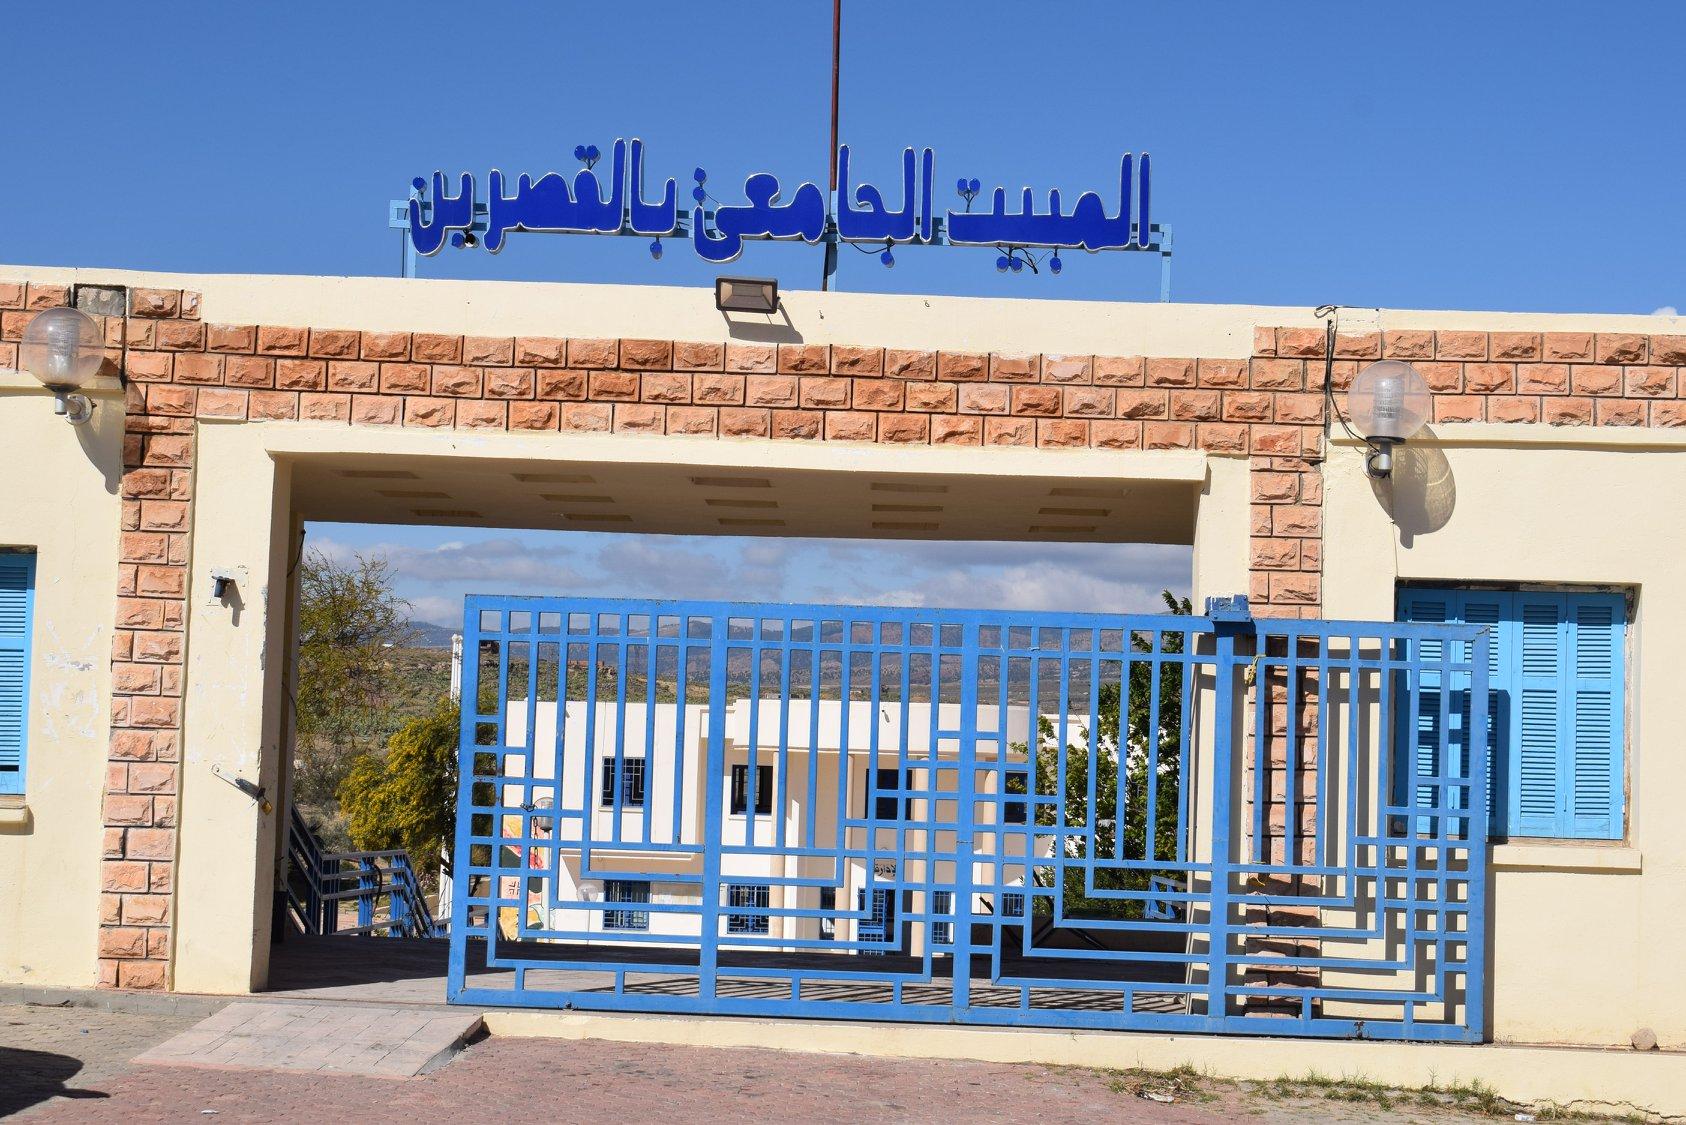 القصرين: مصابان بفيروس كورونا يدخلان في إضراب جوع